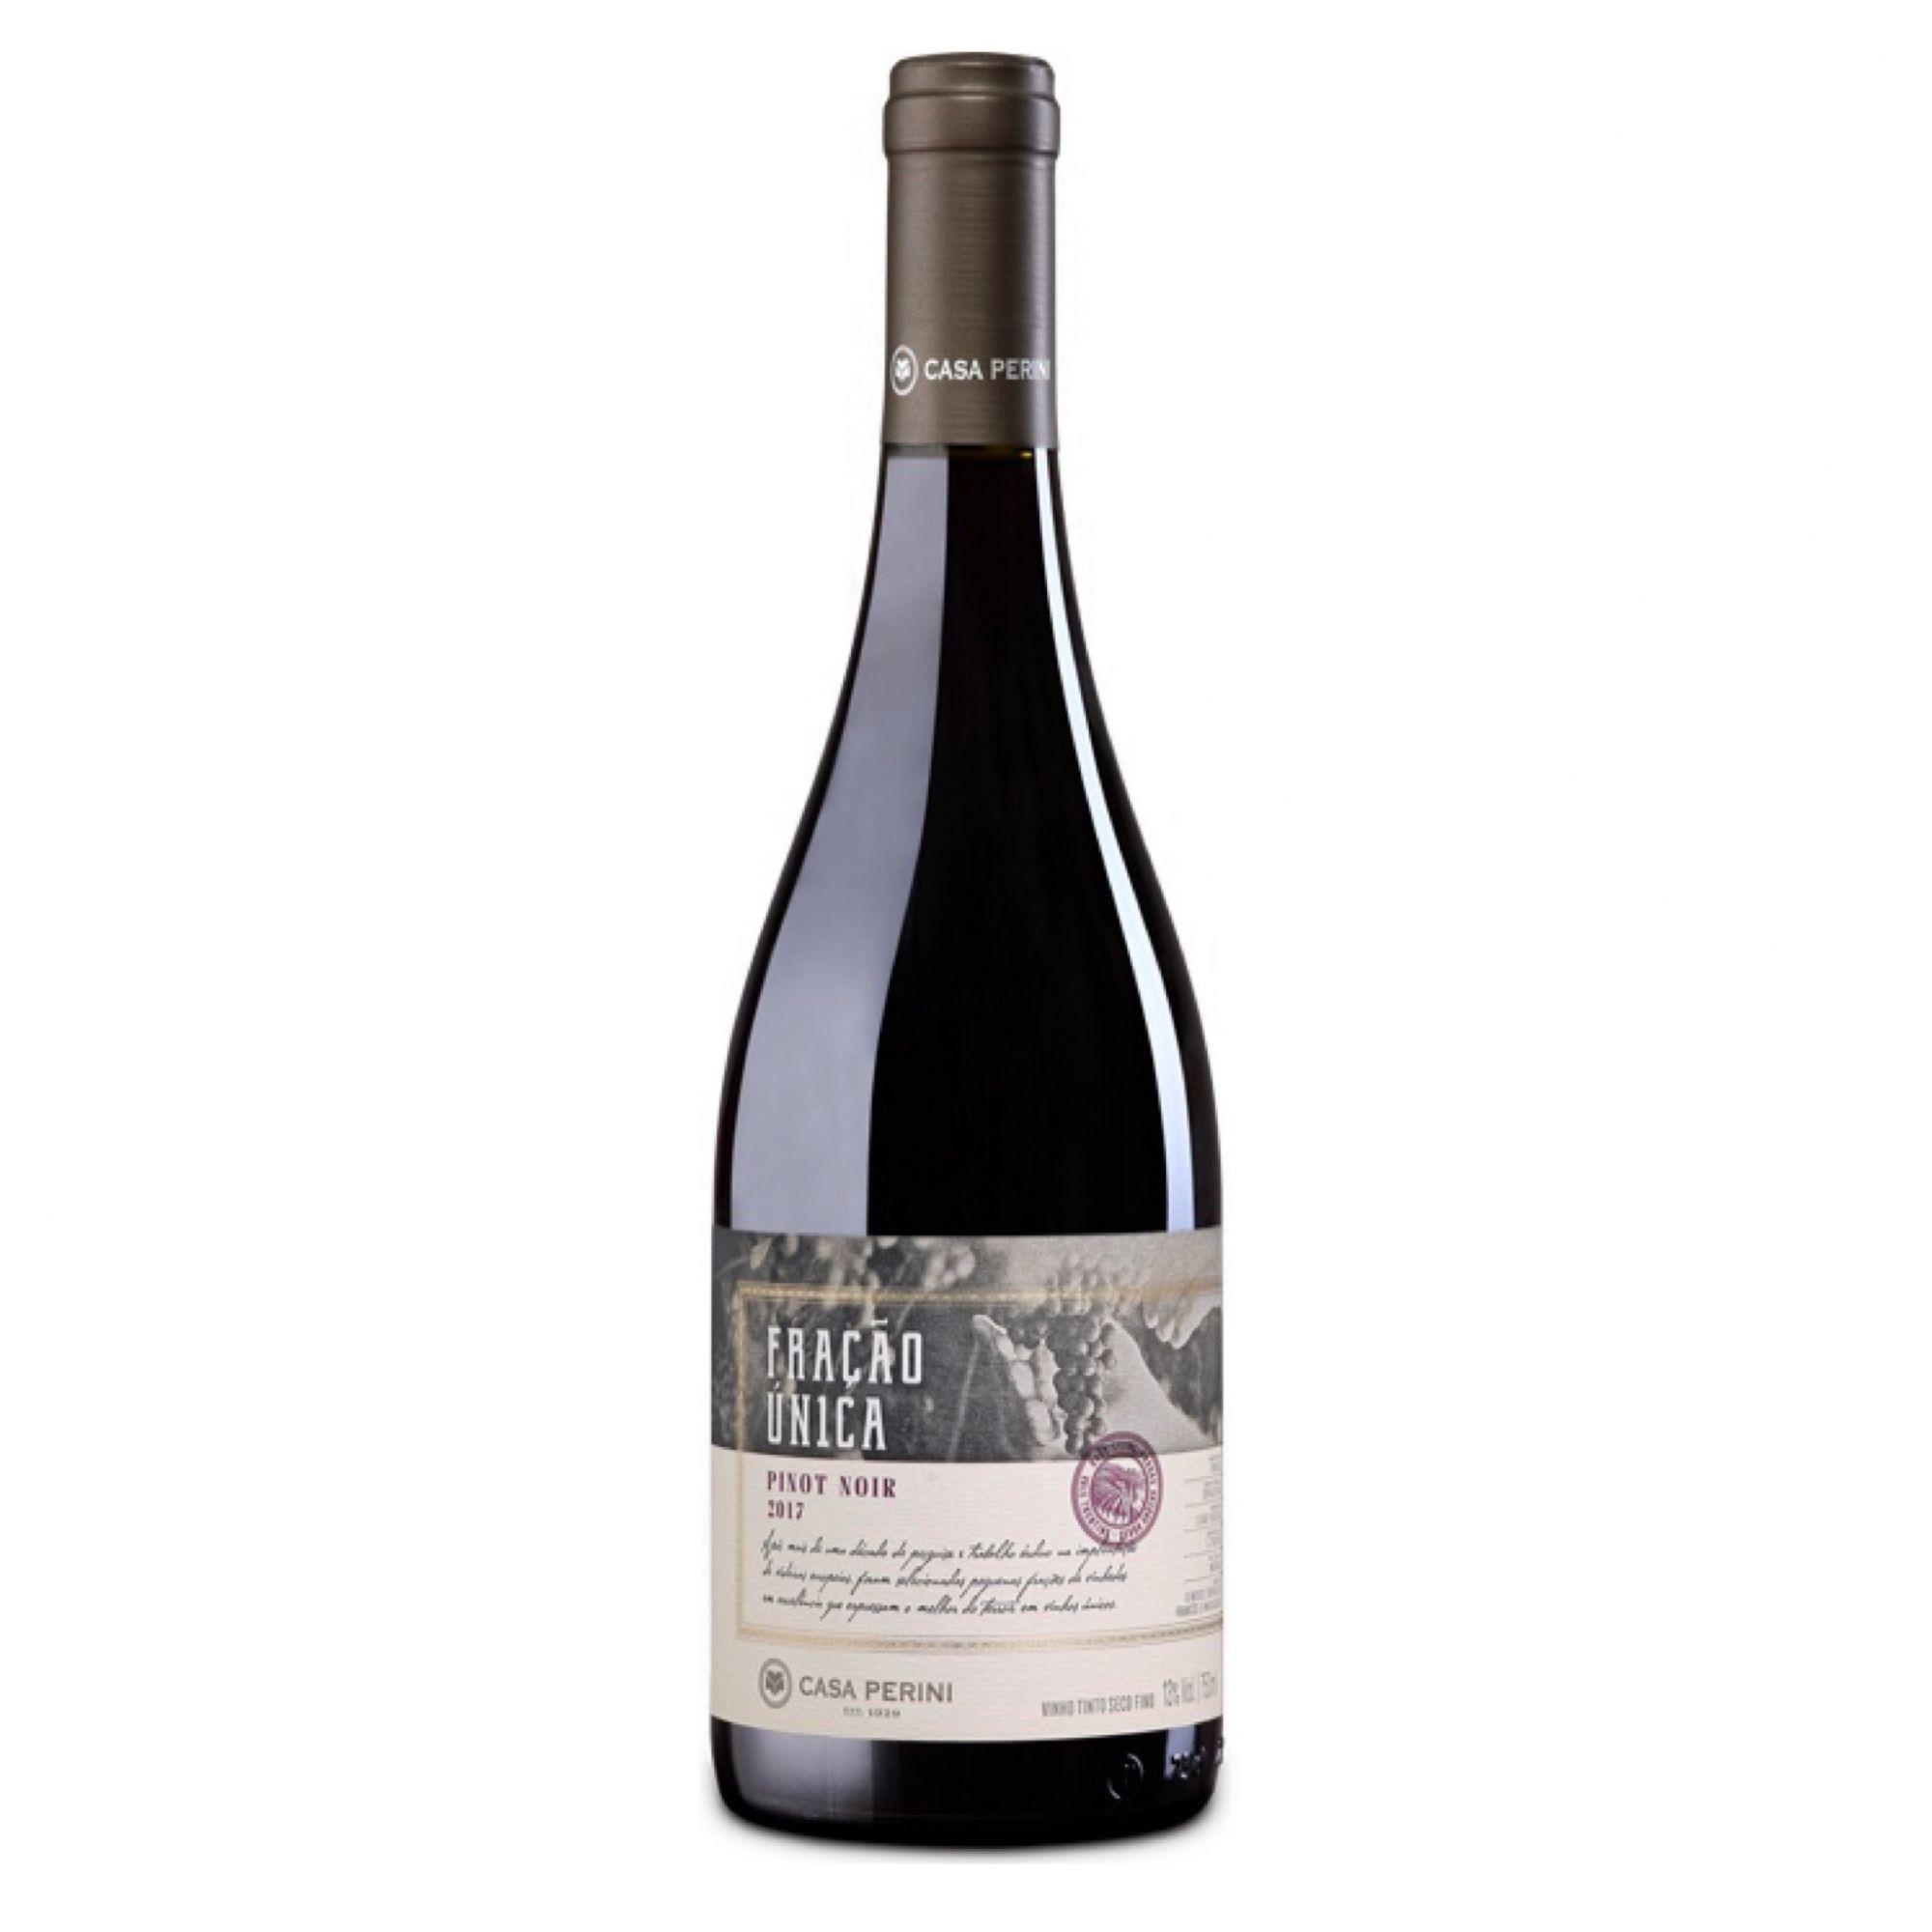 Fração Única Pinot Noir